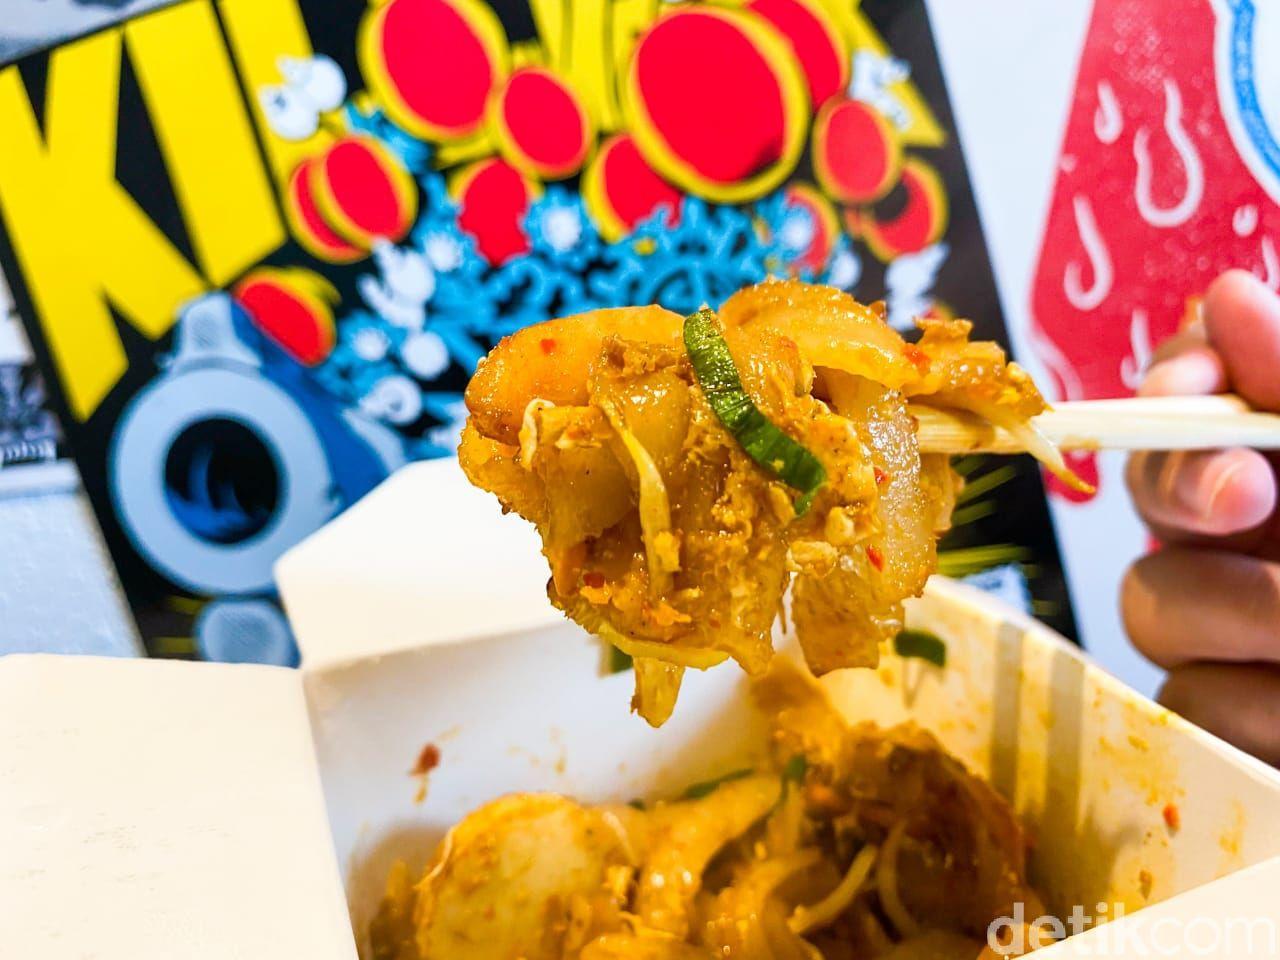 Wok Eat Out : Menikmati Mie Nunchaku di Restoran China Kekinian